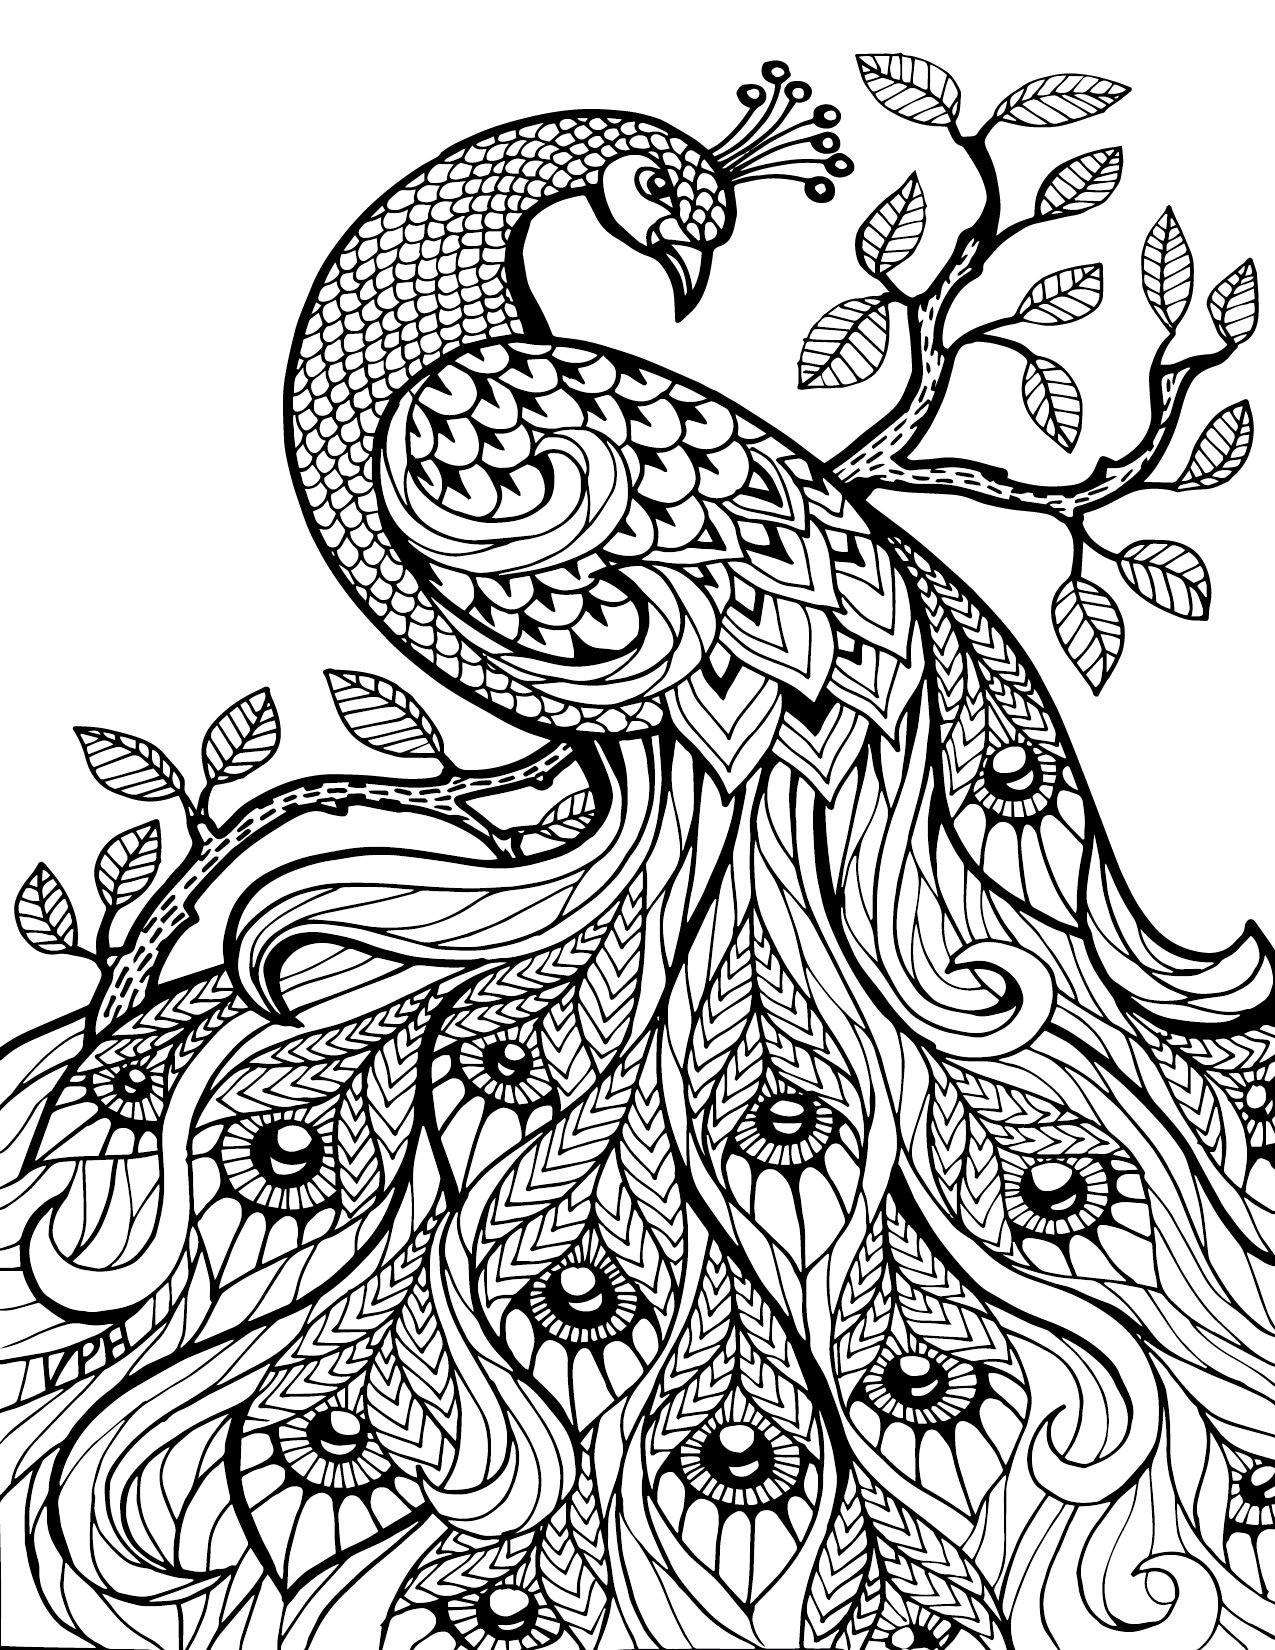 1275x1650 Mandala Animals Coloring Pages Acpra